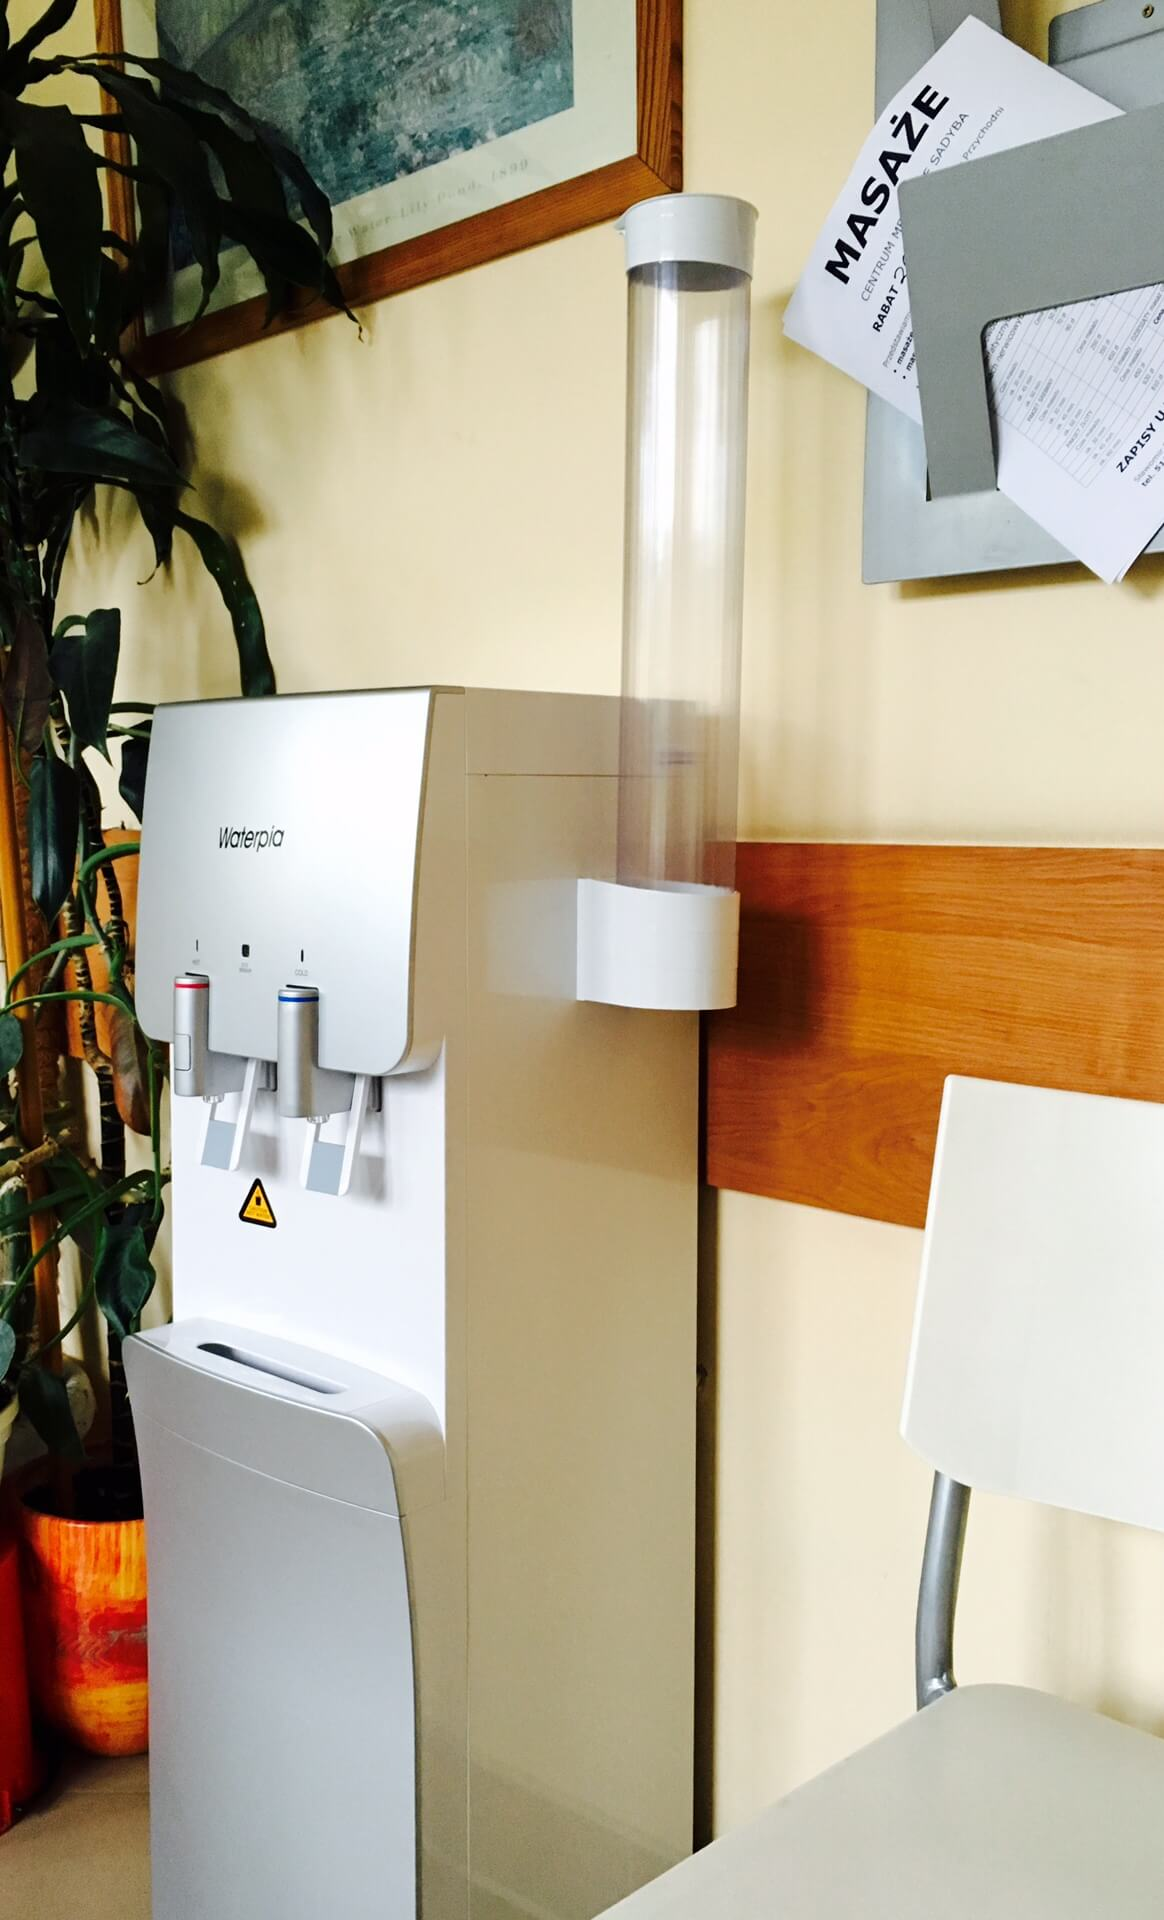 Dystrybutor filtrujący Waterpia- przychodnia lekarska